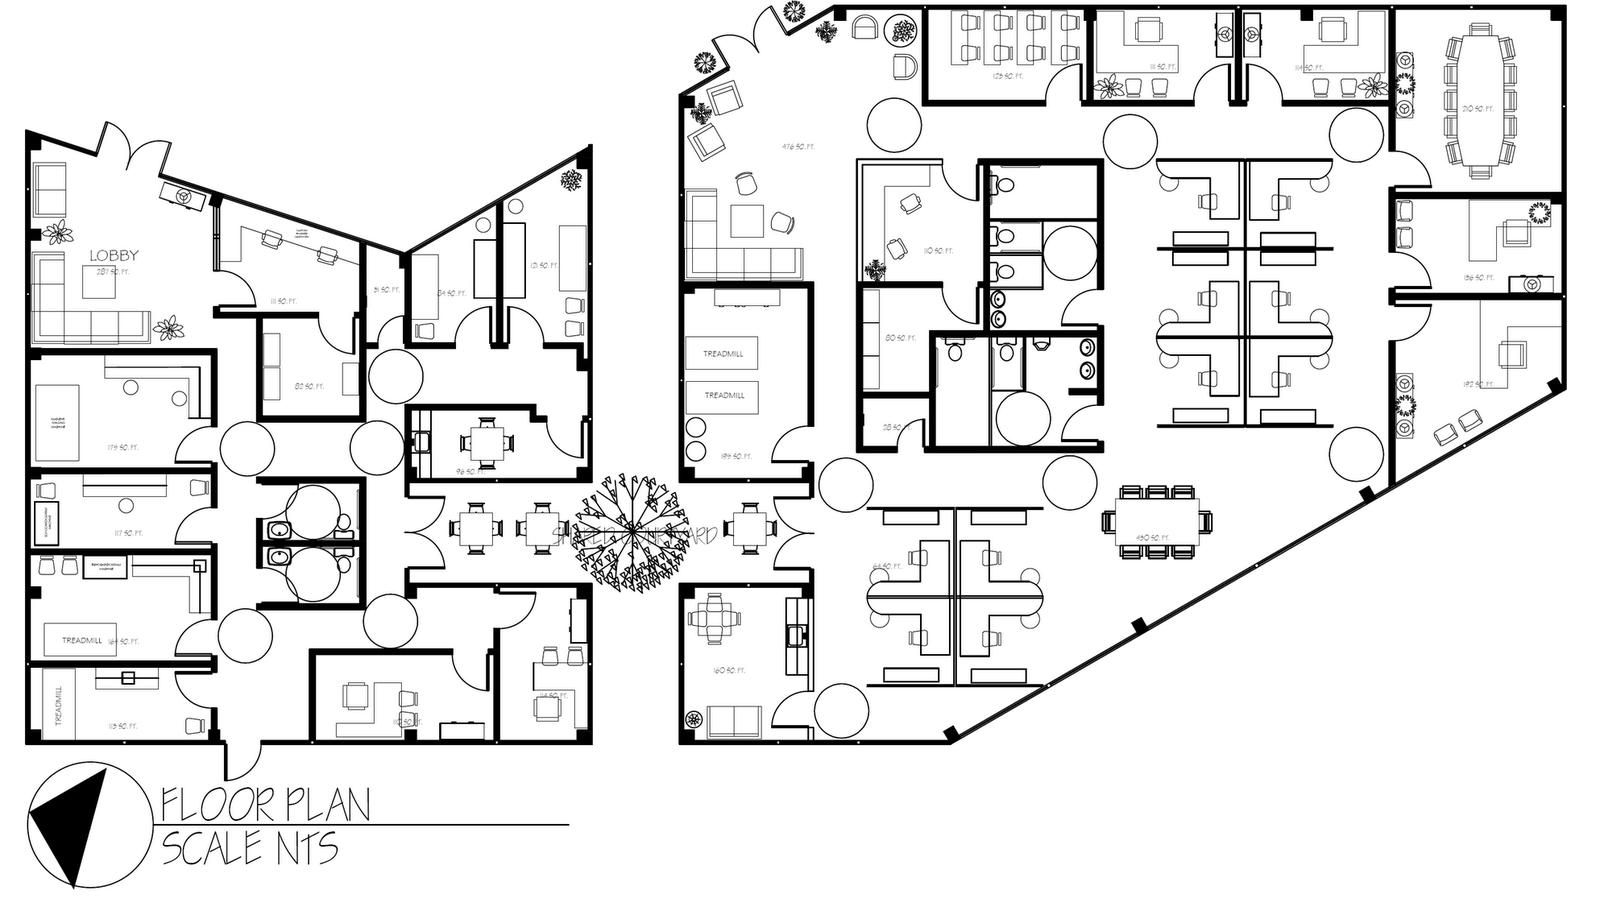 Commercial floor plan design for Www building cost net